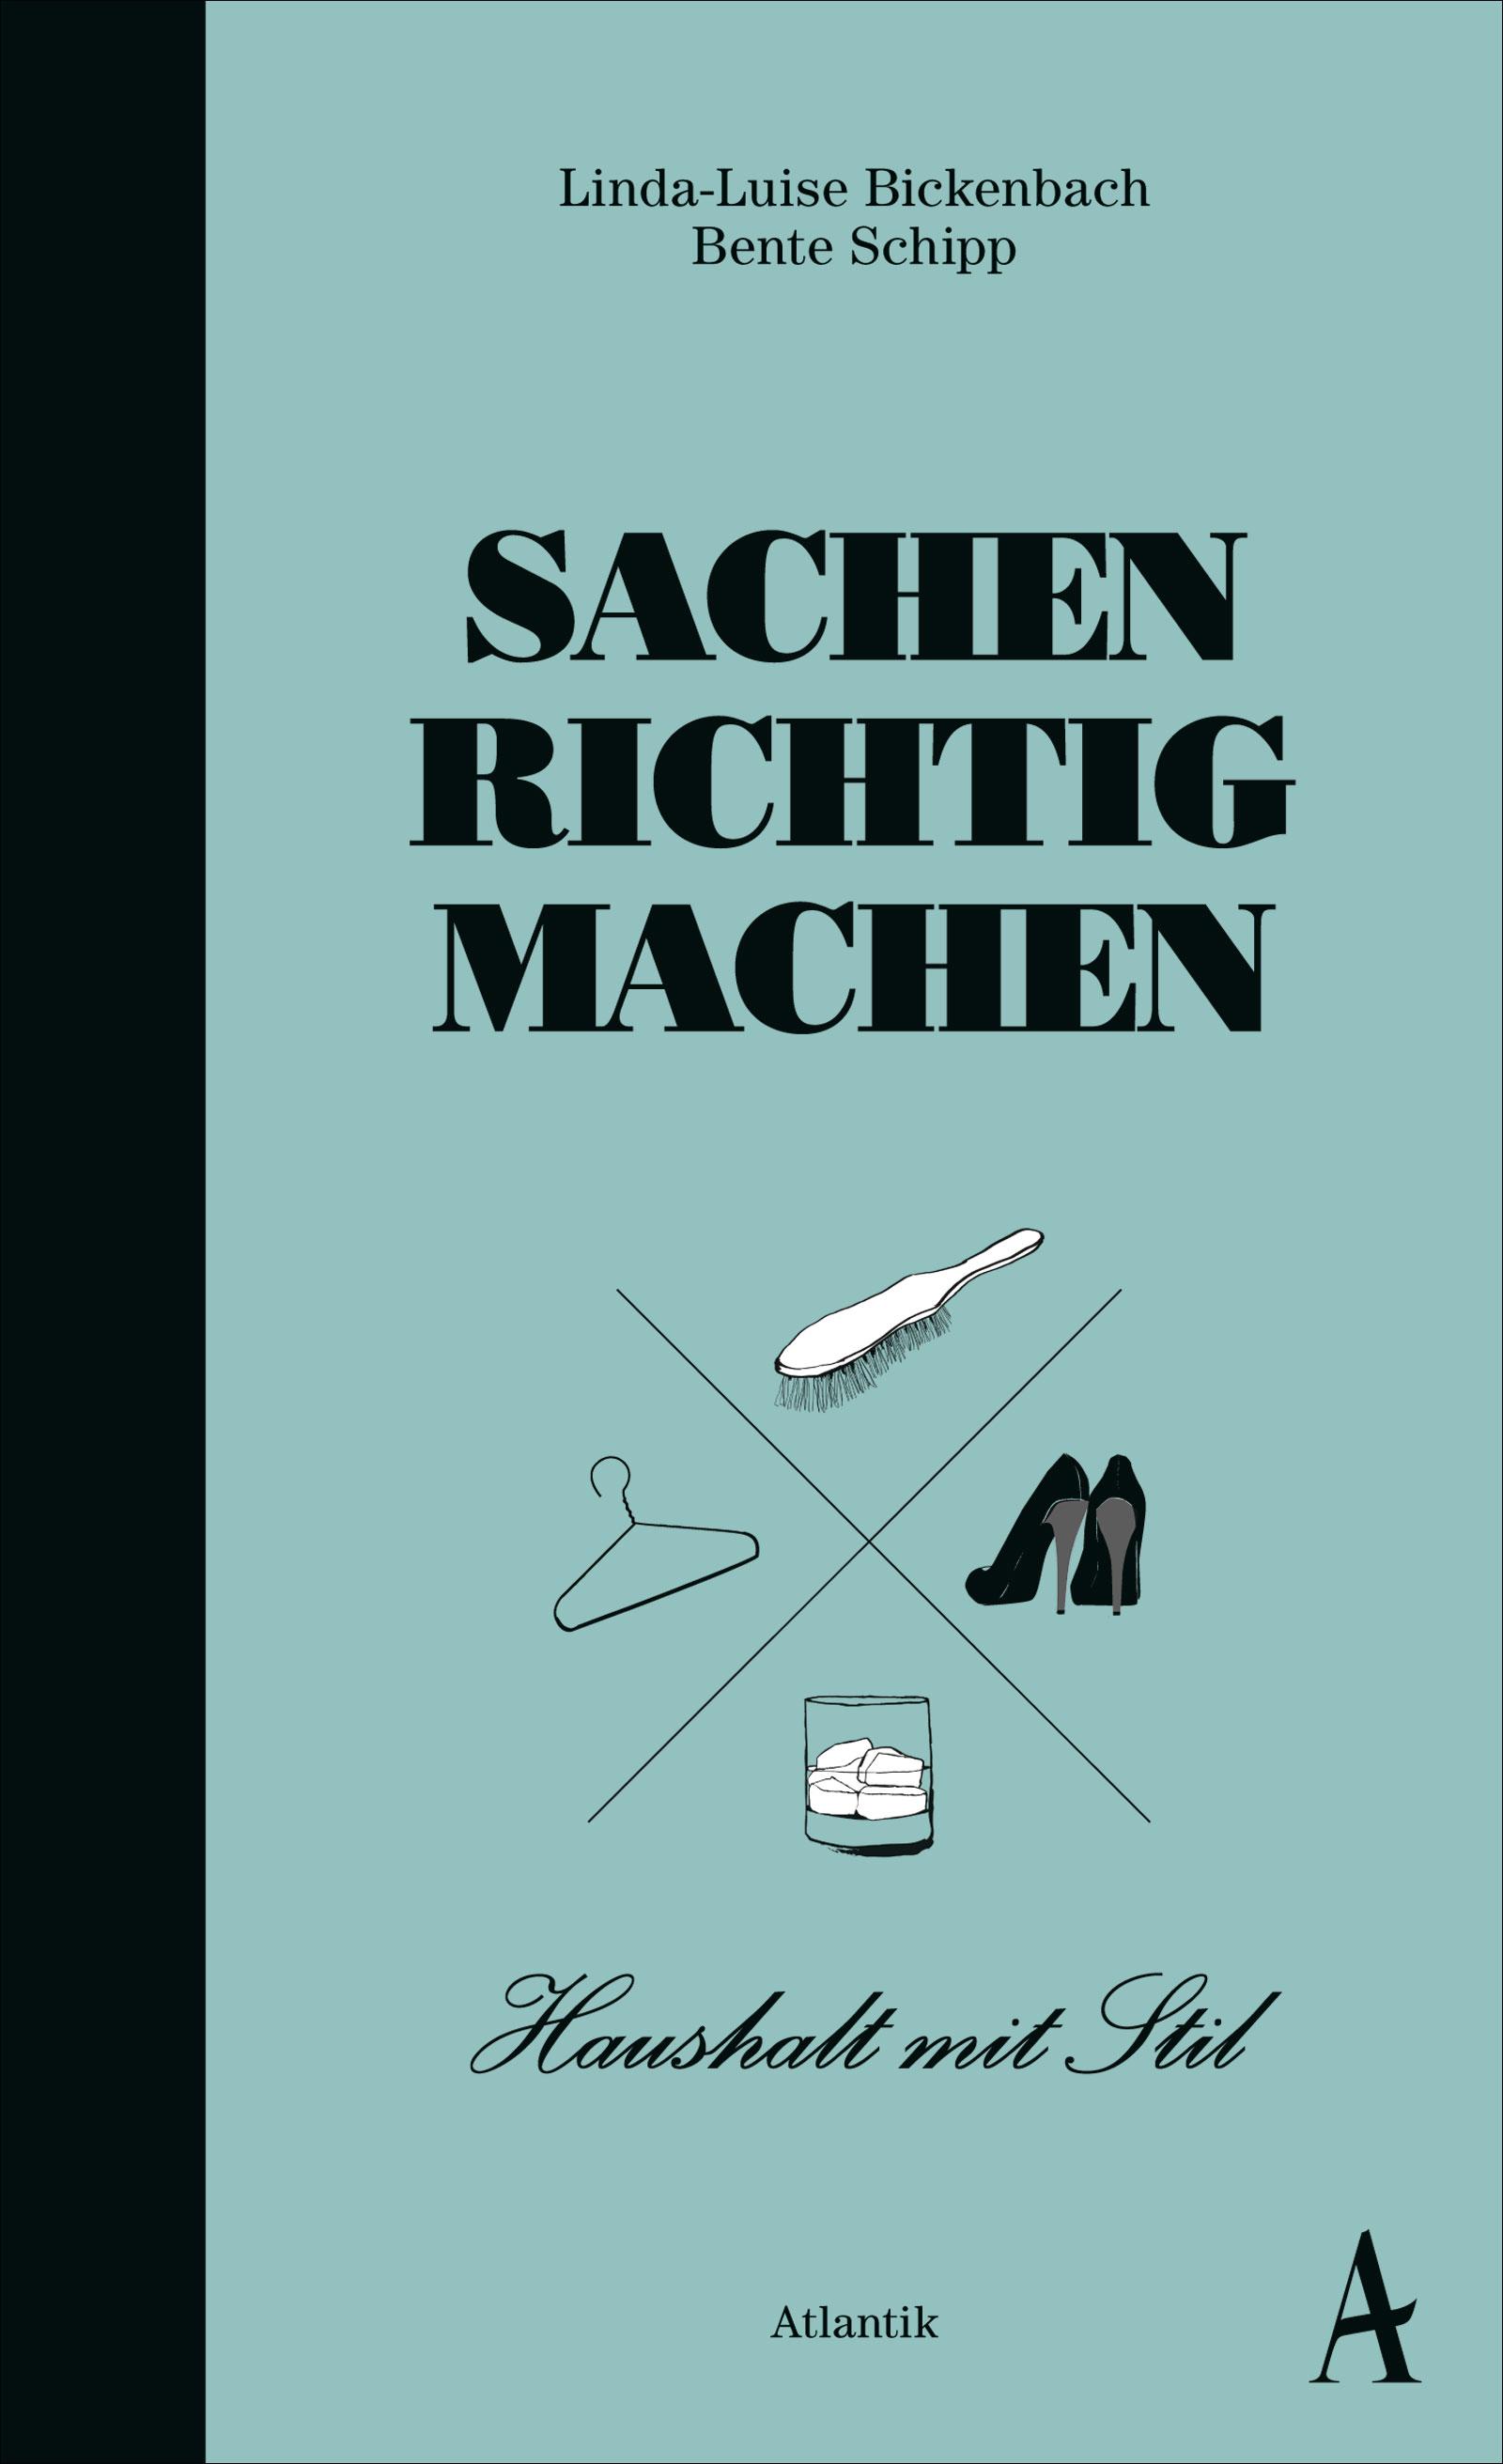 Sachen richtig machen von Bickenbach, Linda-Luise, Schipp, Bente: Haus